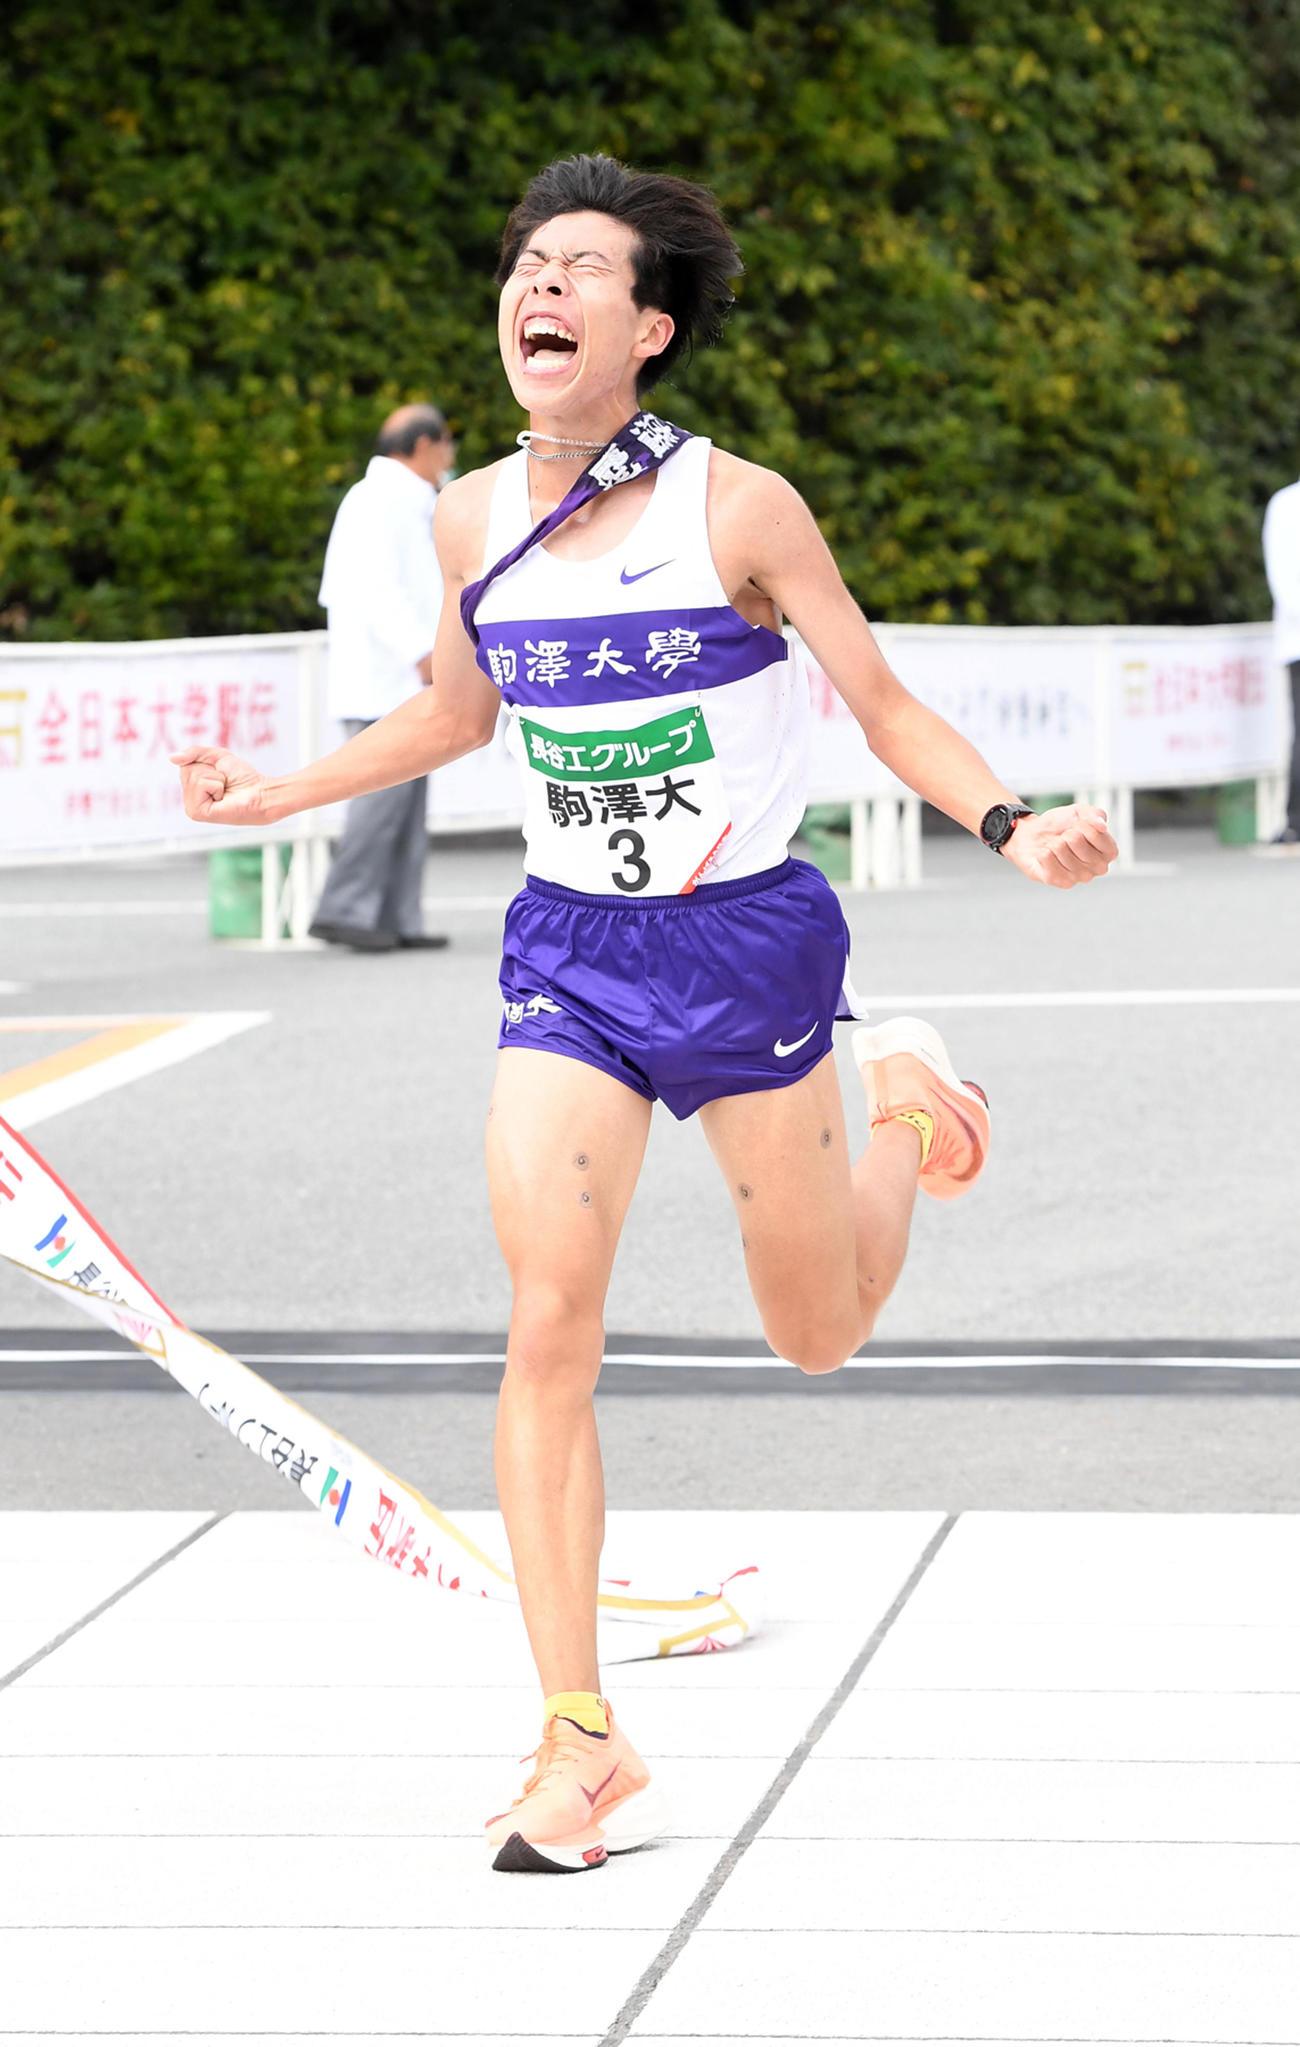 11月1日、全日本大学駅伝で優勝した駒大のアンカー田沢